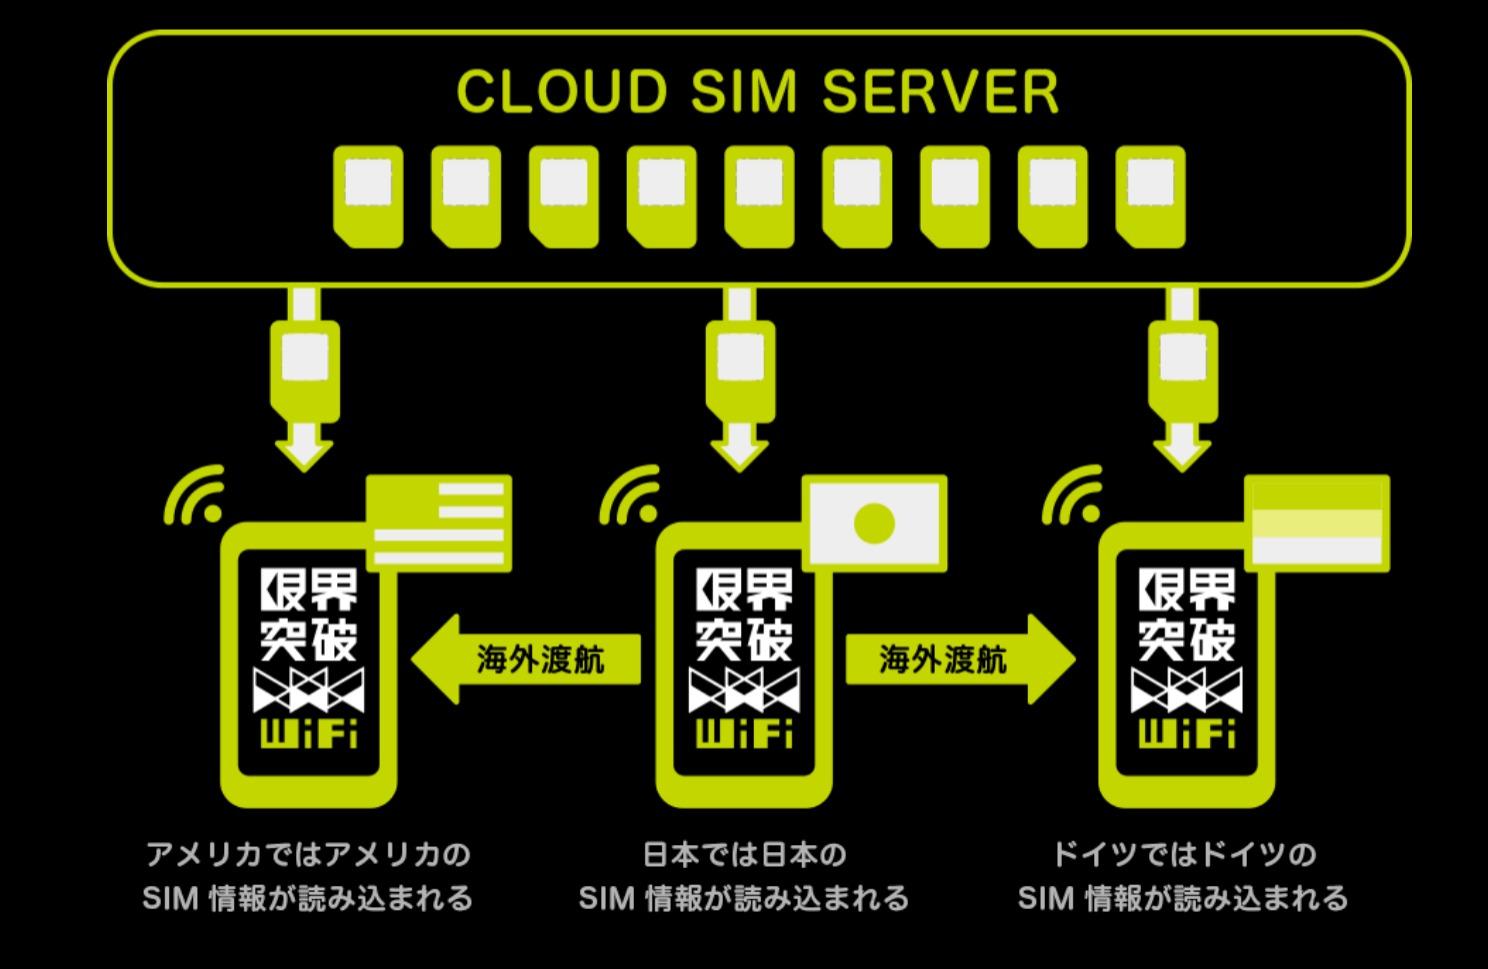 限界突破WiFi - 海外